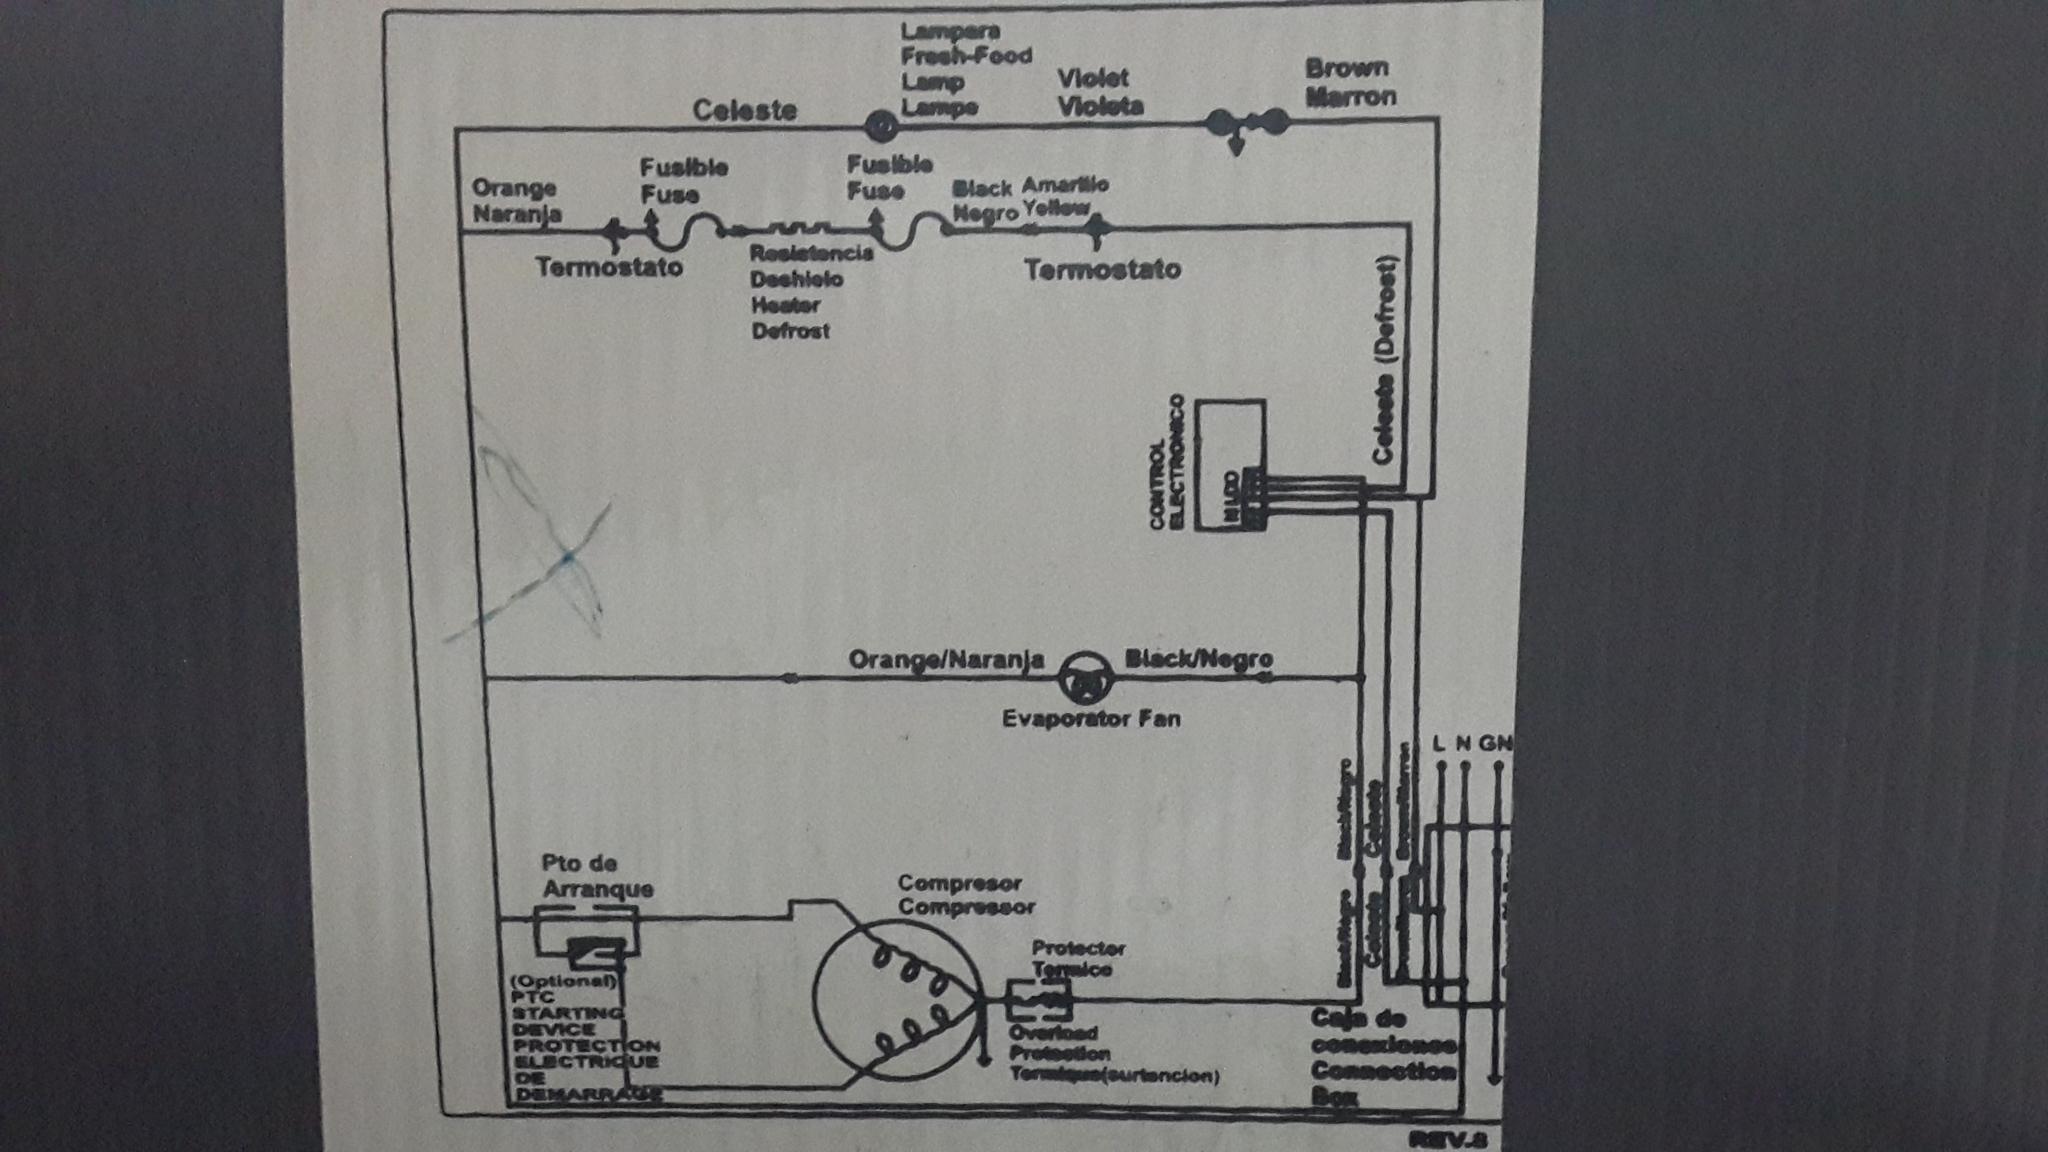 Circuito Electrico Heladera Comercial : Heladera patrick hpk no frost forma hielo yoreparo